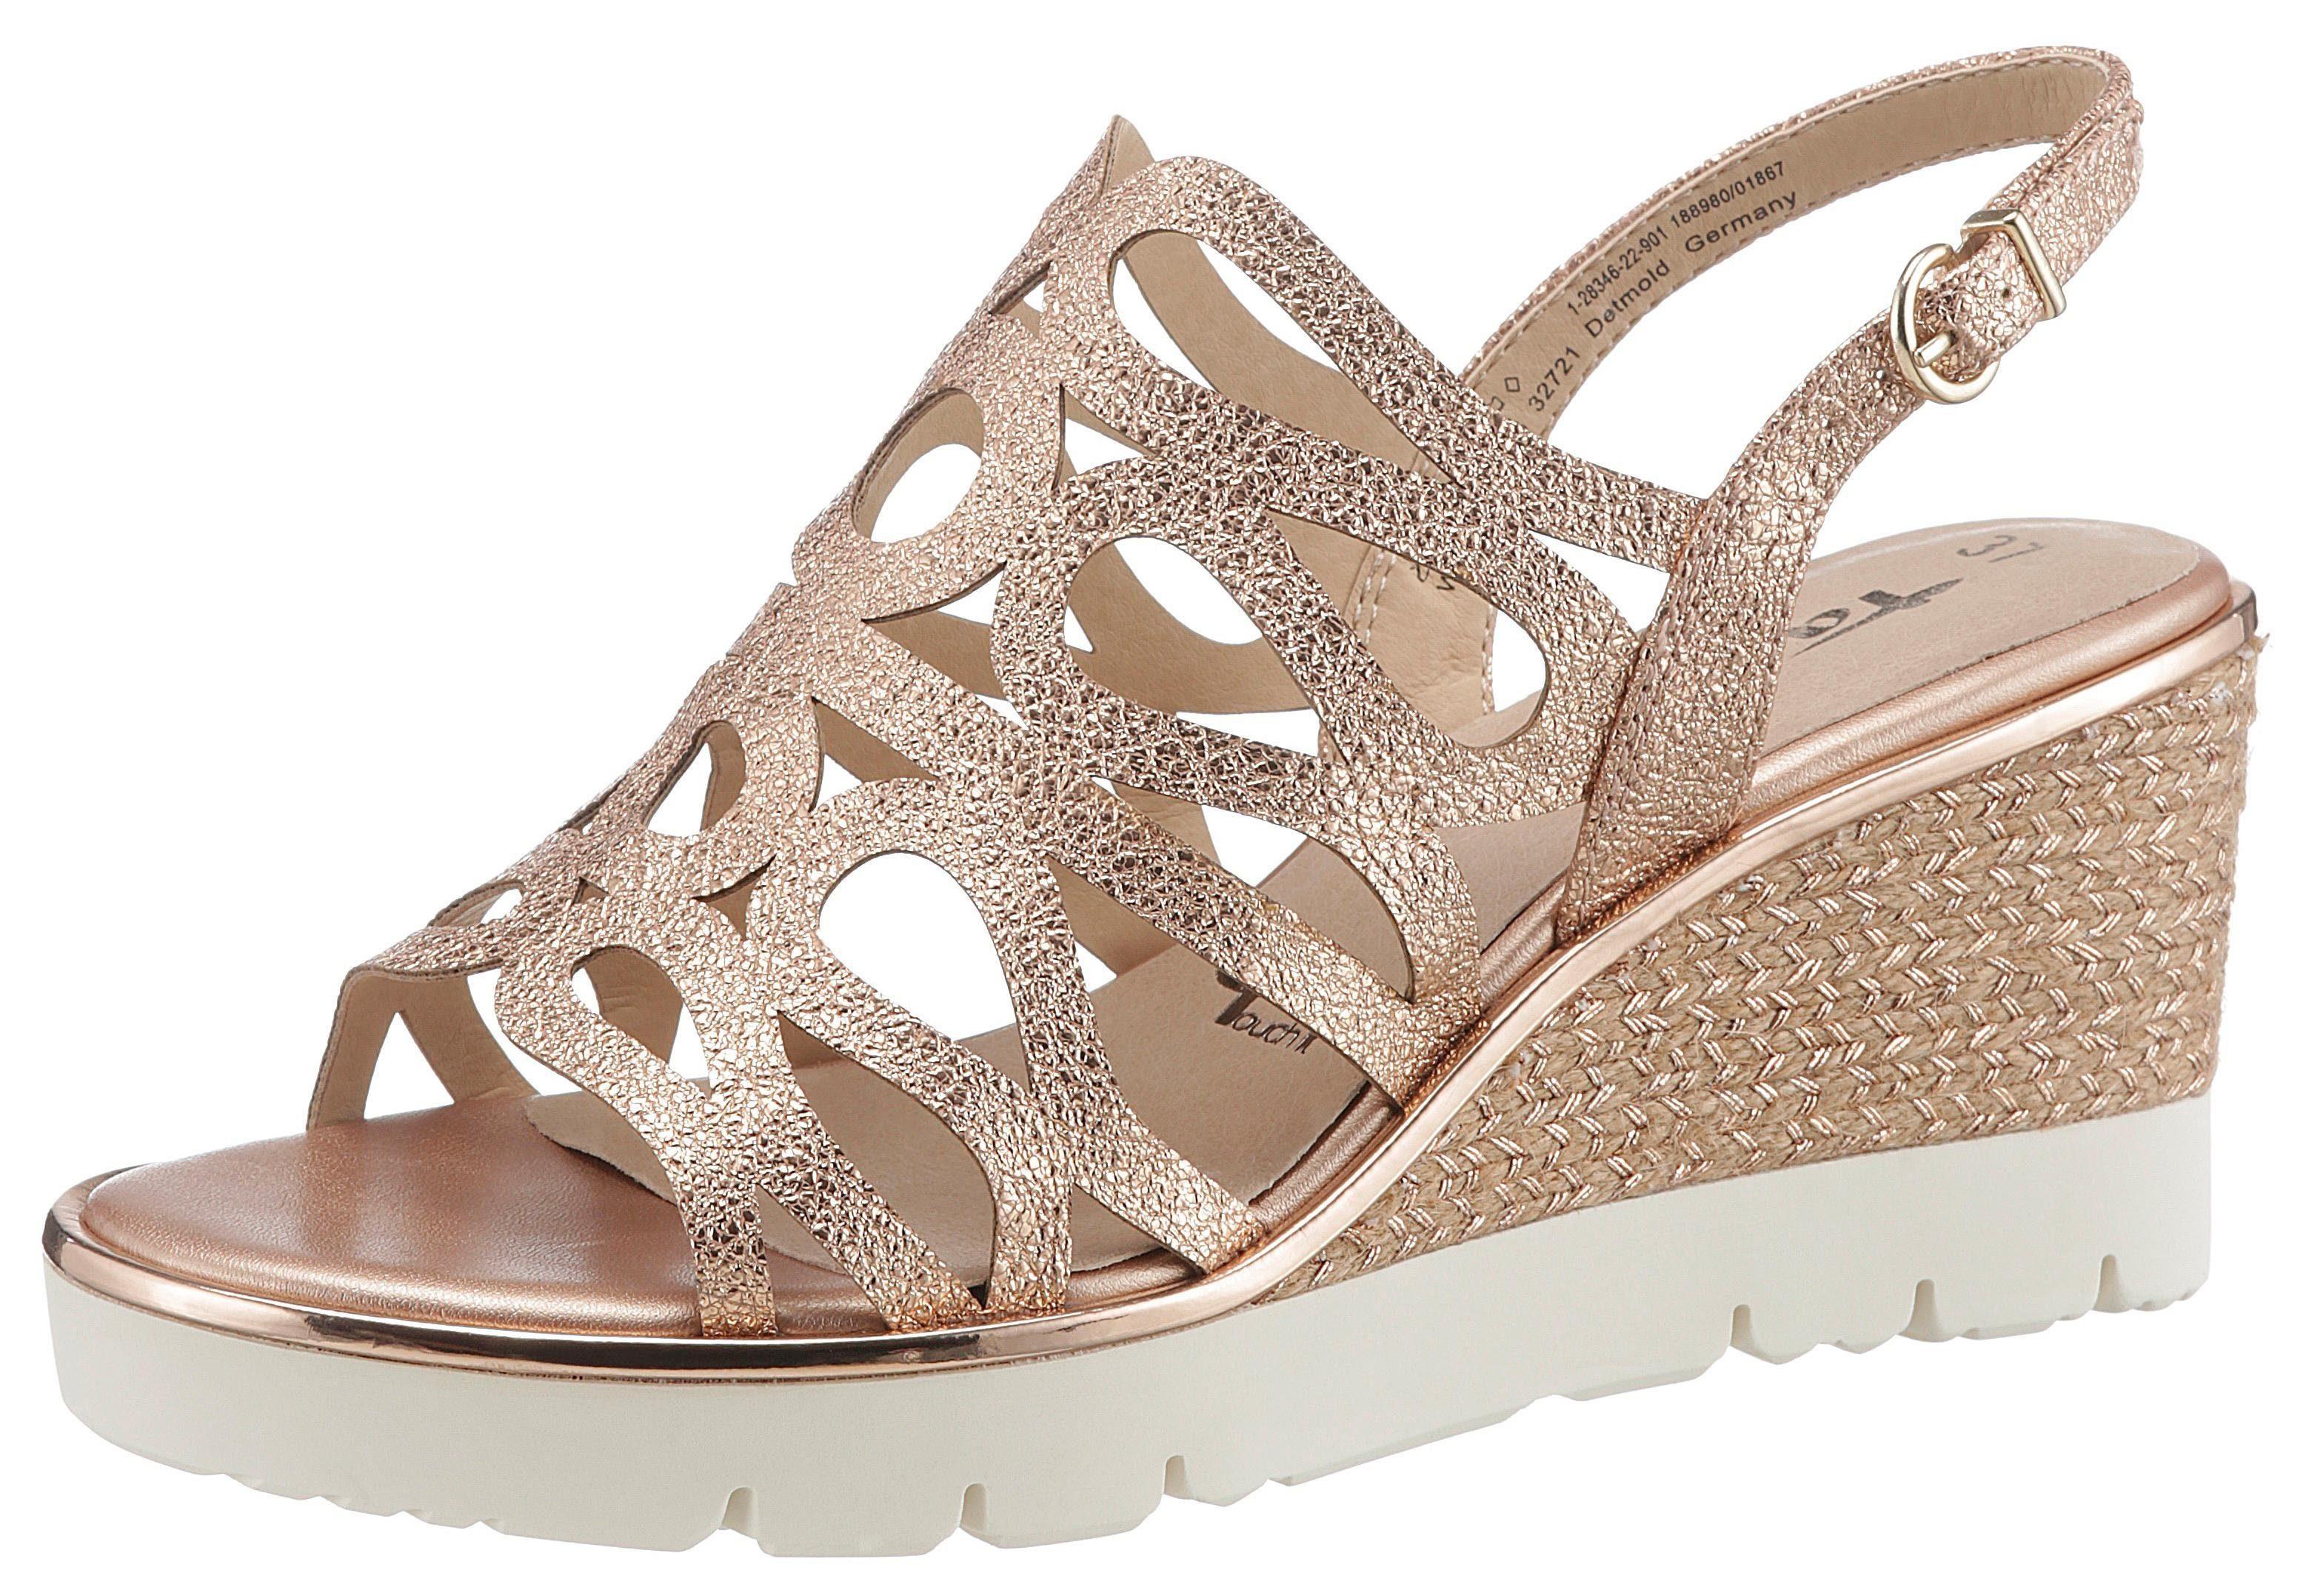 Tamaris »Jette« Sandalette im schönen Metallic Look online kaufen | OTTO